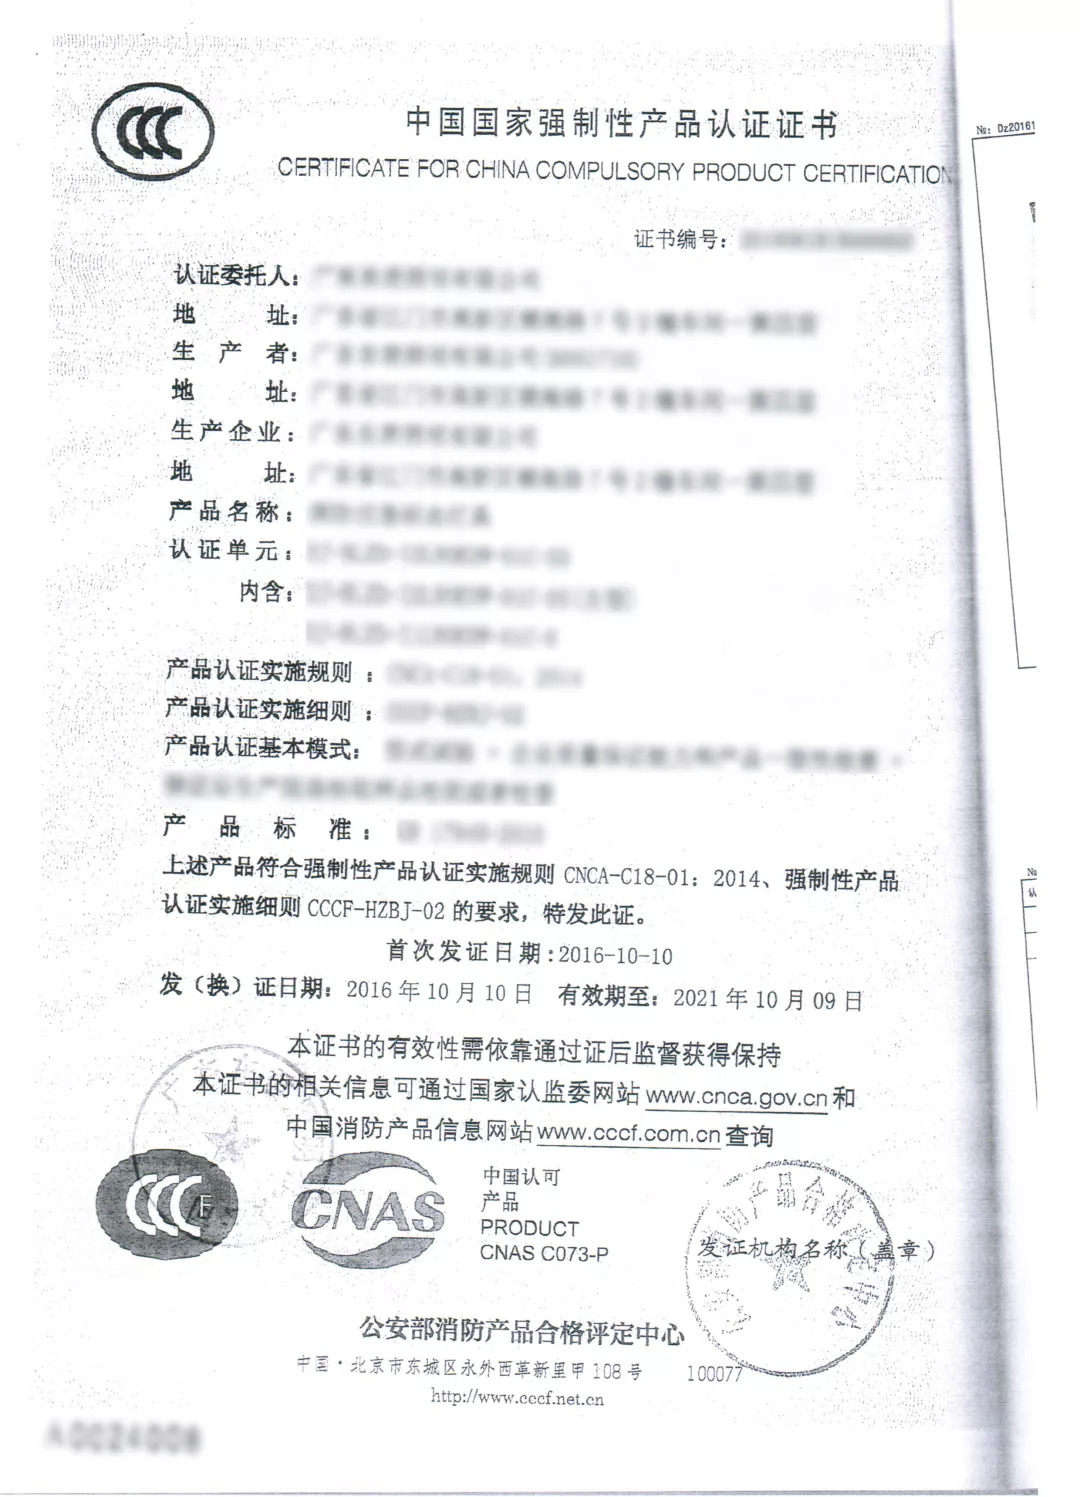 消防安全合格证图片_荣誉证书_名片卡证-图行天下素材网